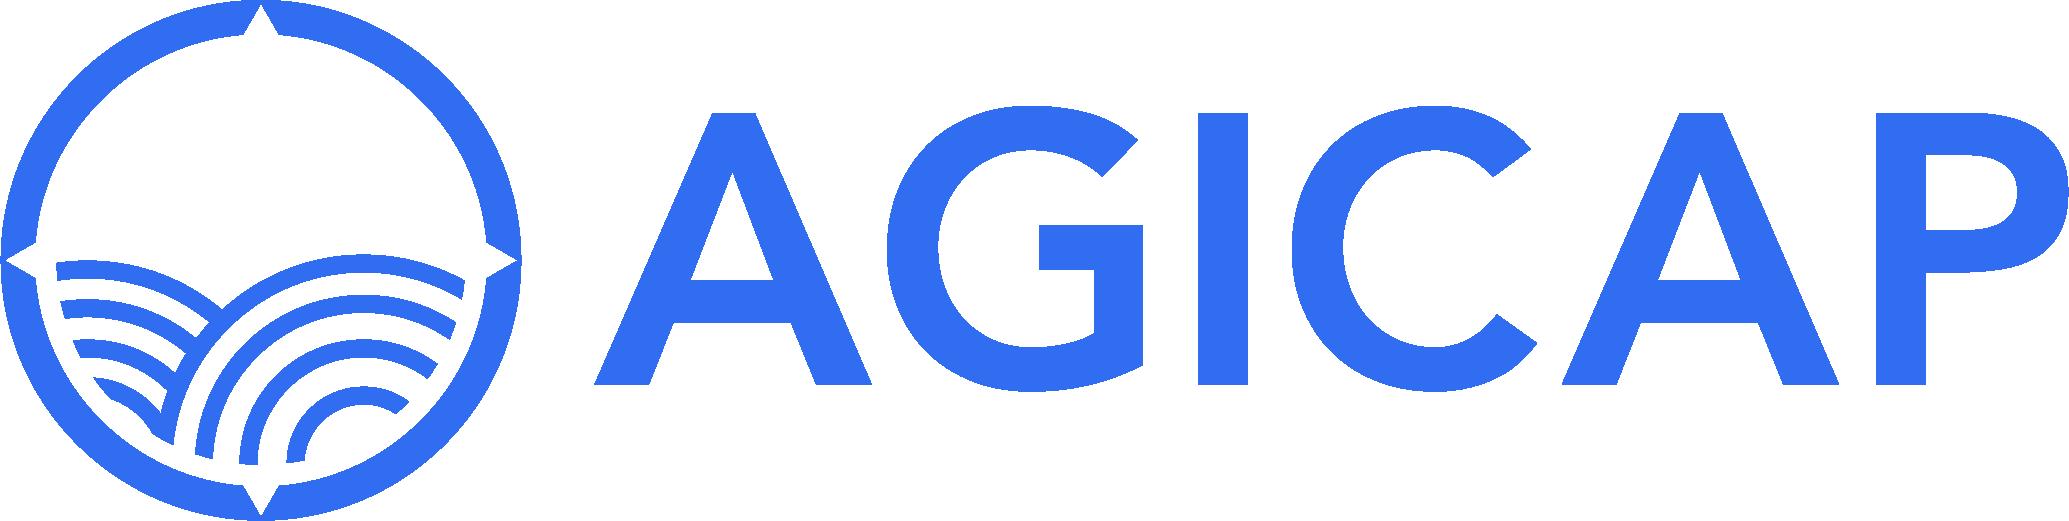 Agicap, logiciel de gestion de trésorerie